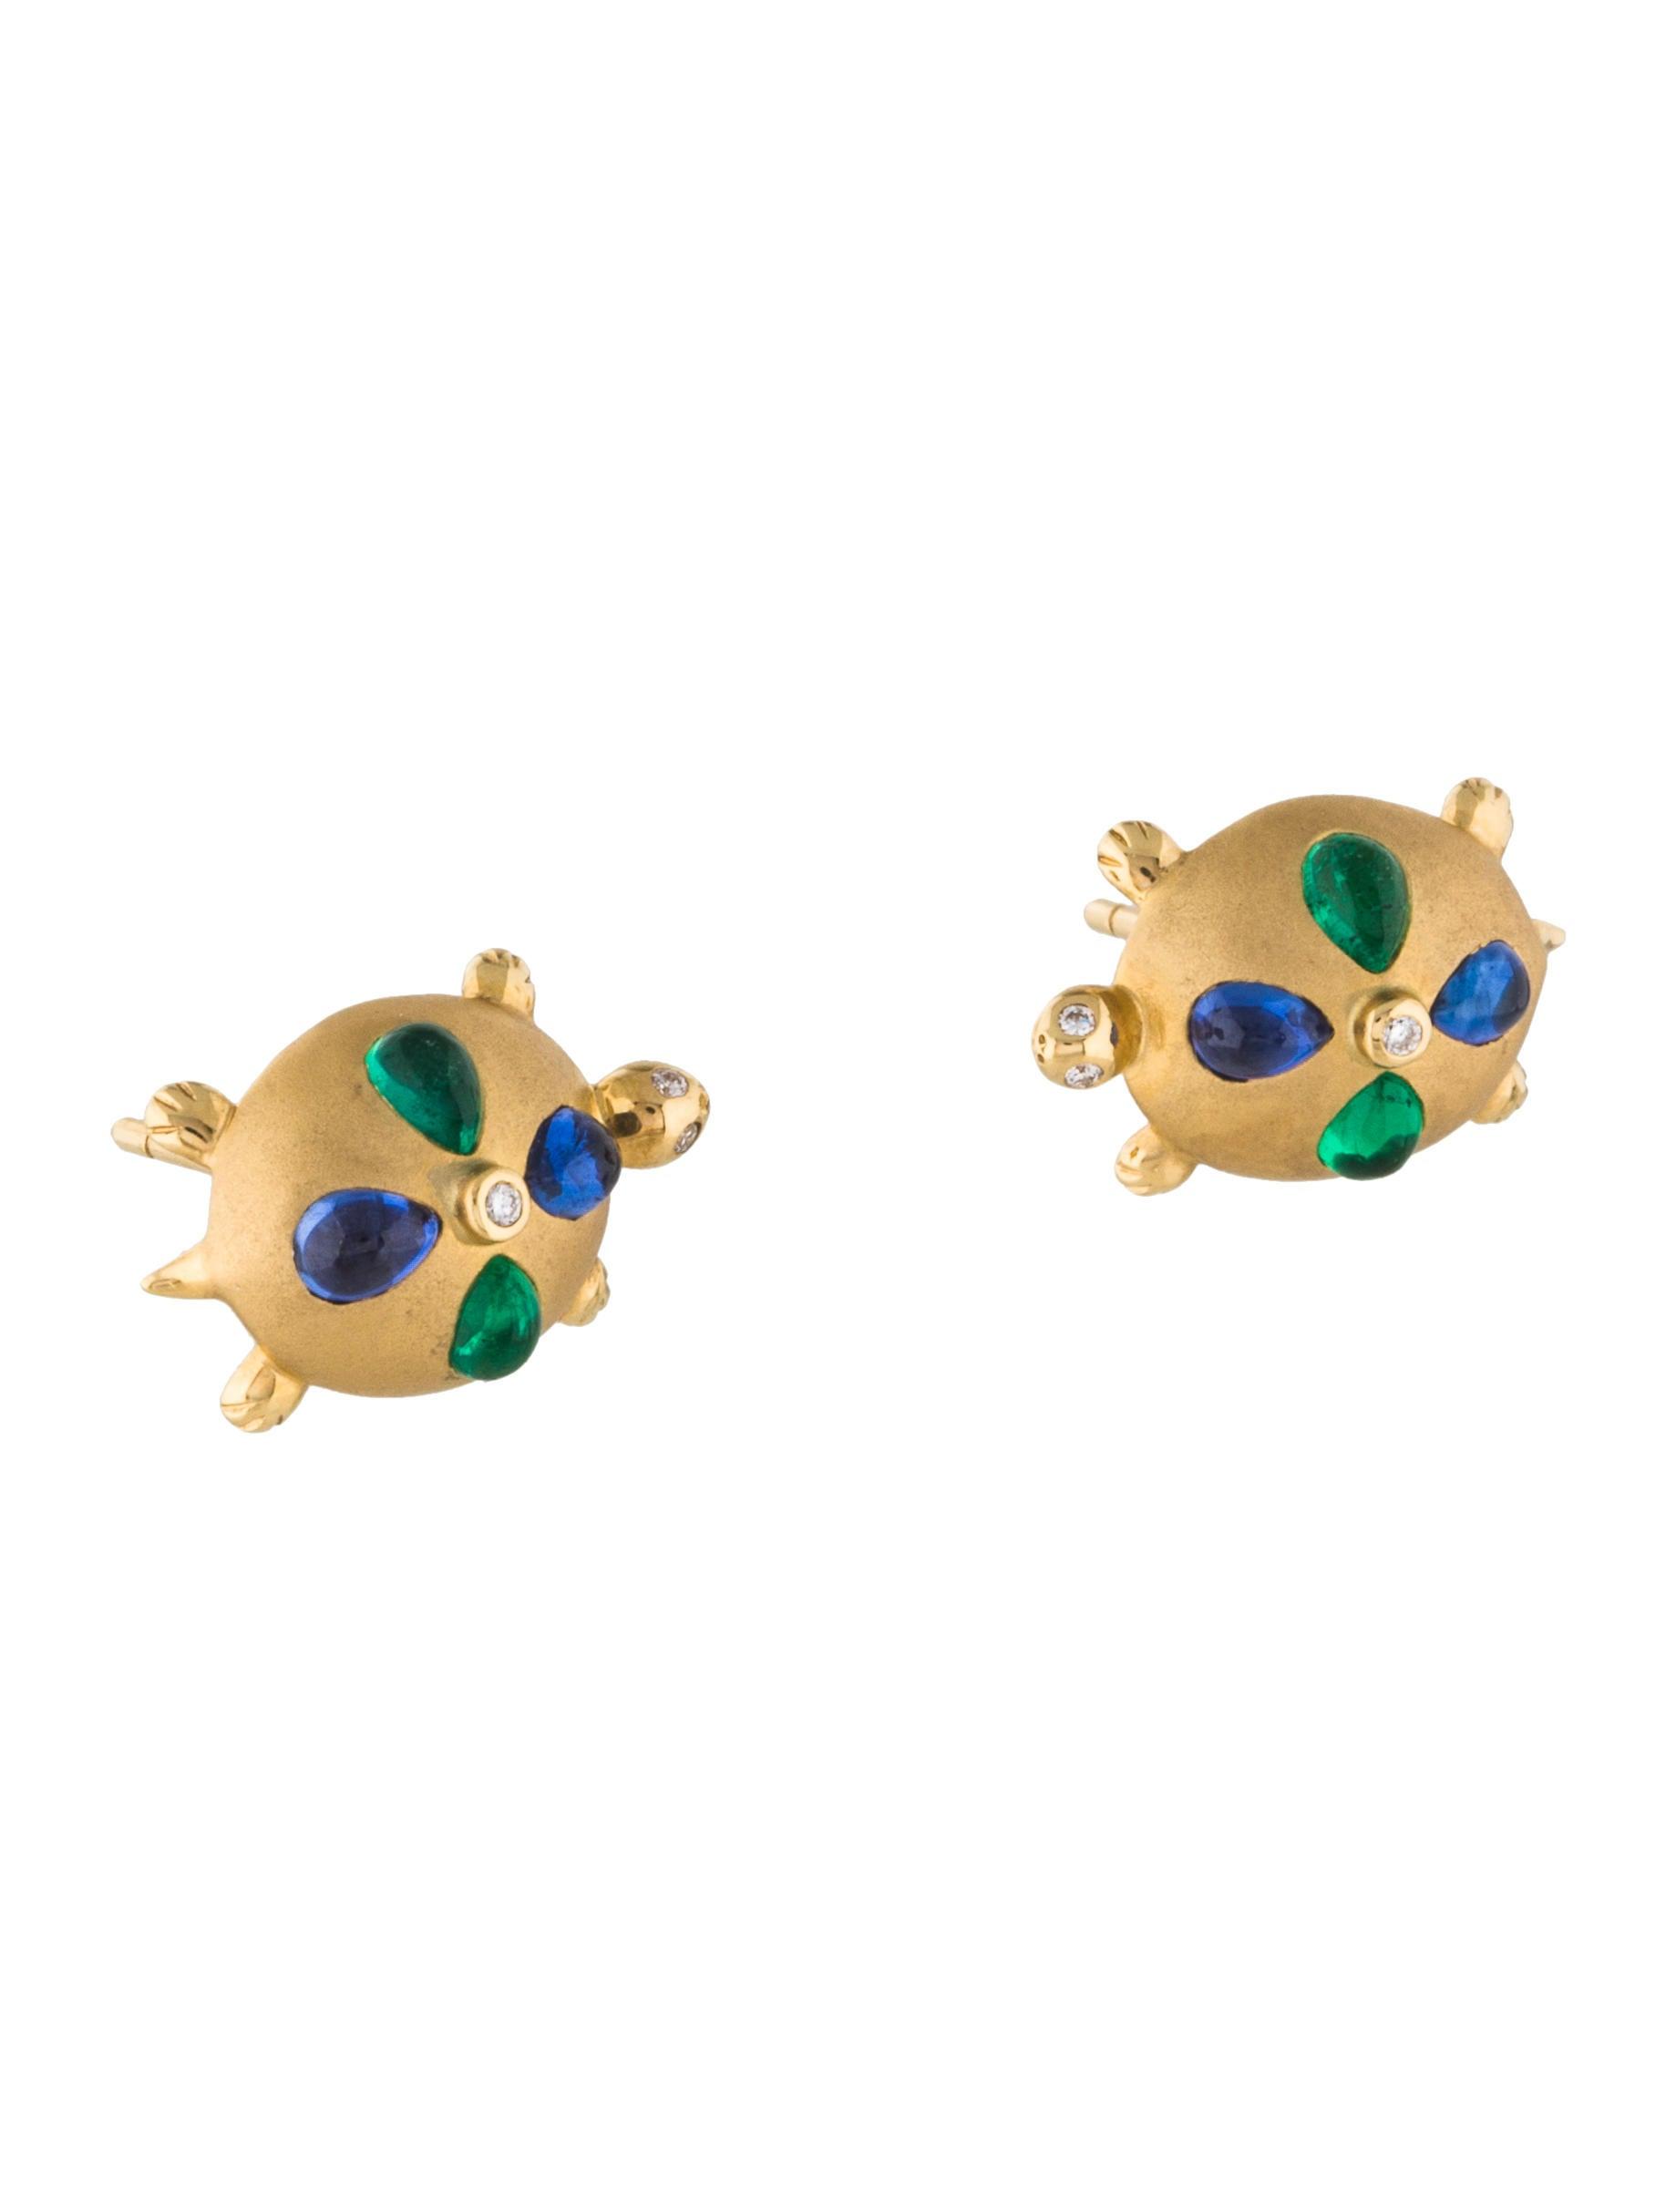 18k Diamond Shire Emerald Turtle Earrings